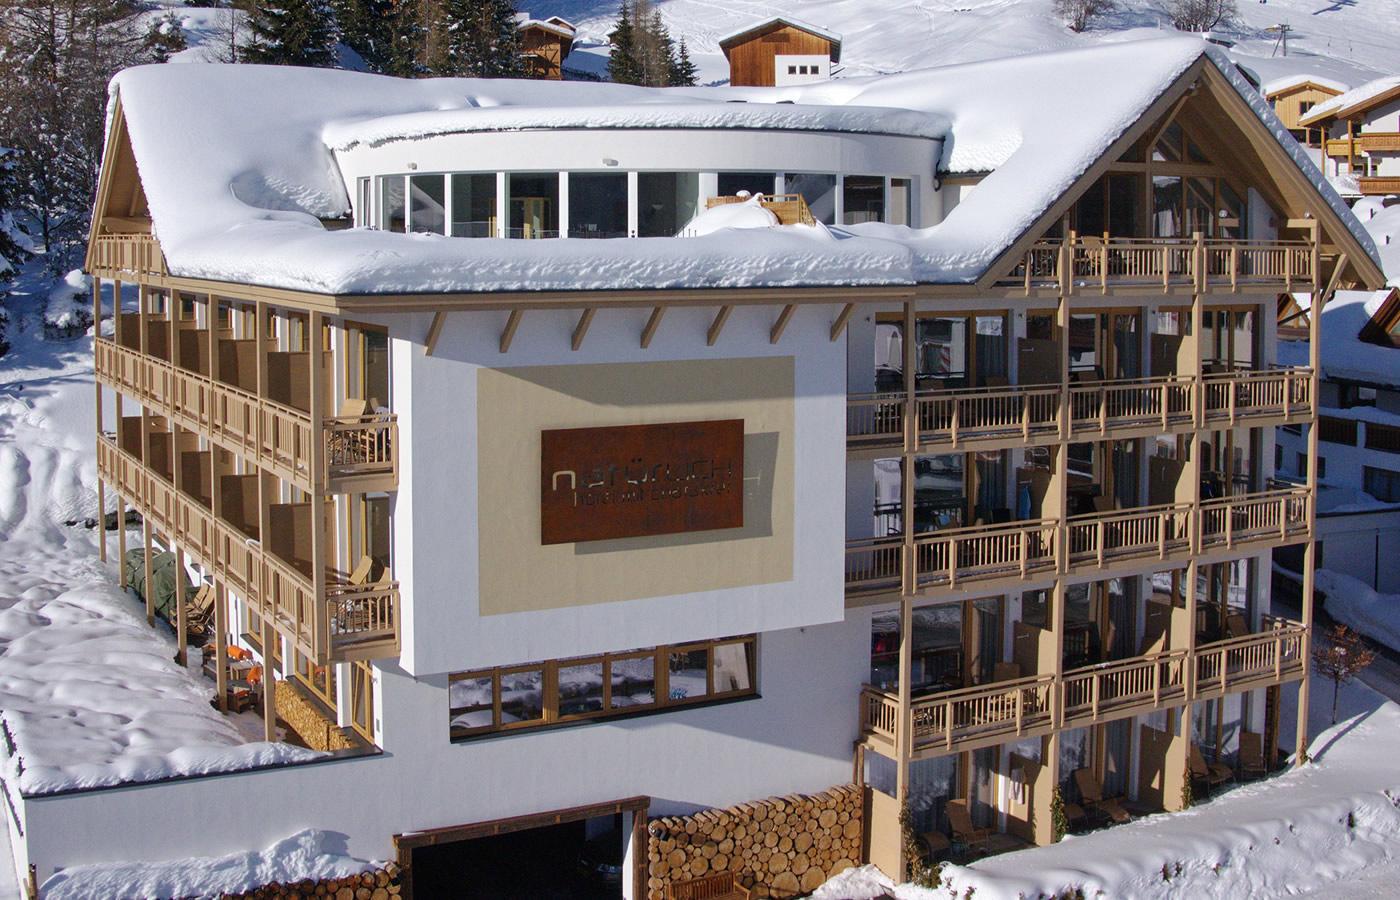 LUftaufnahme - Südansicht von Hotel Natürlich in Fiss, Tirol.